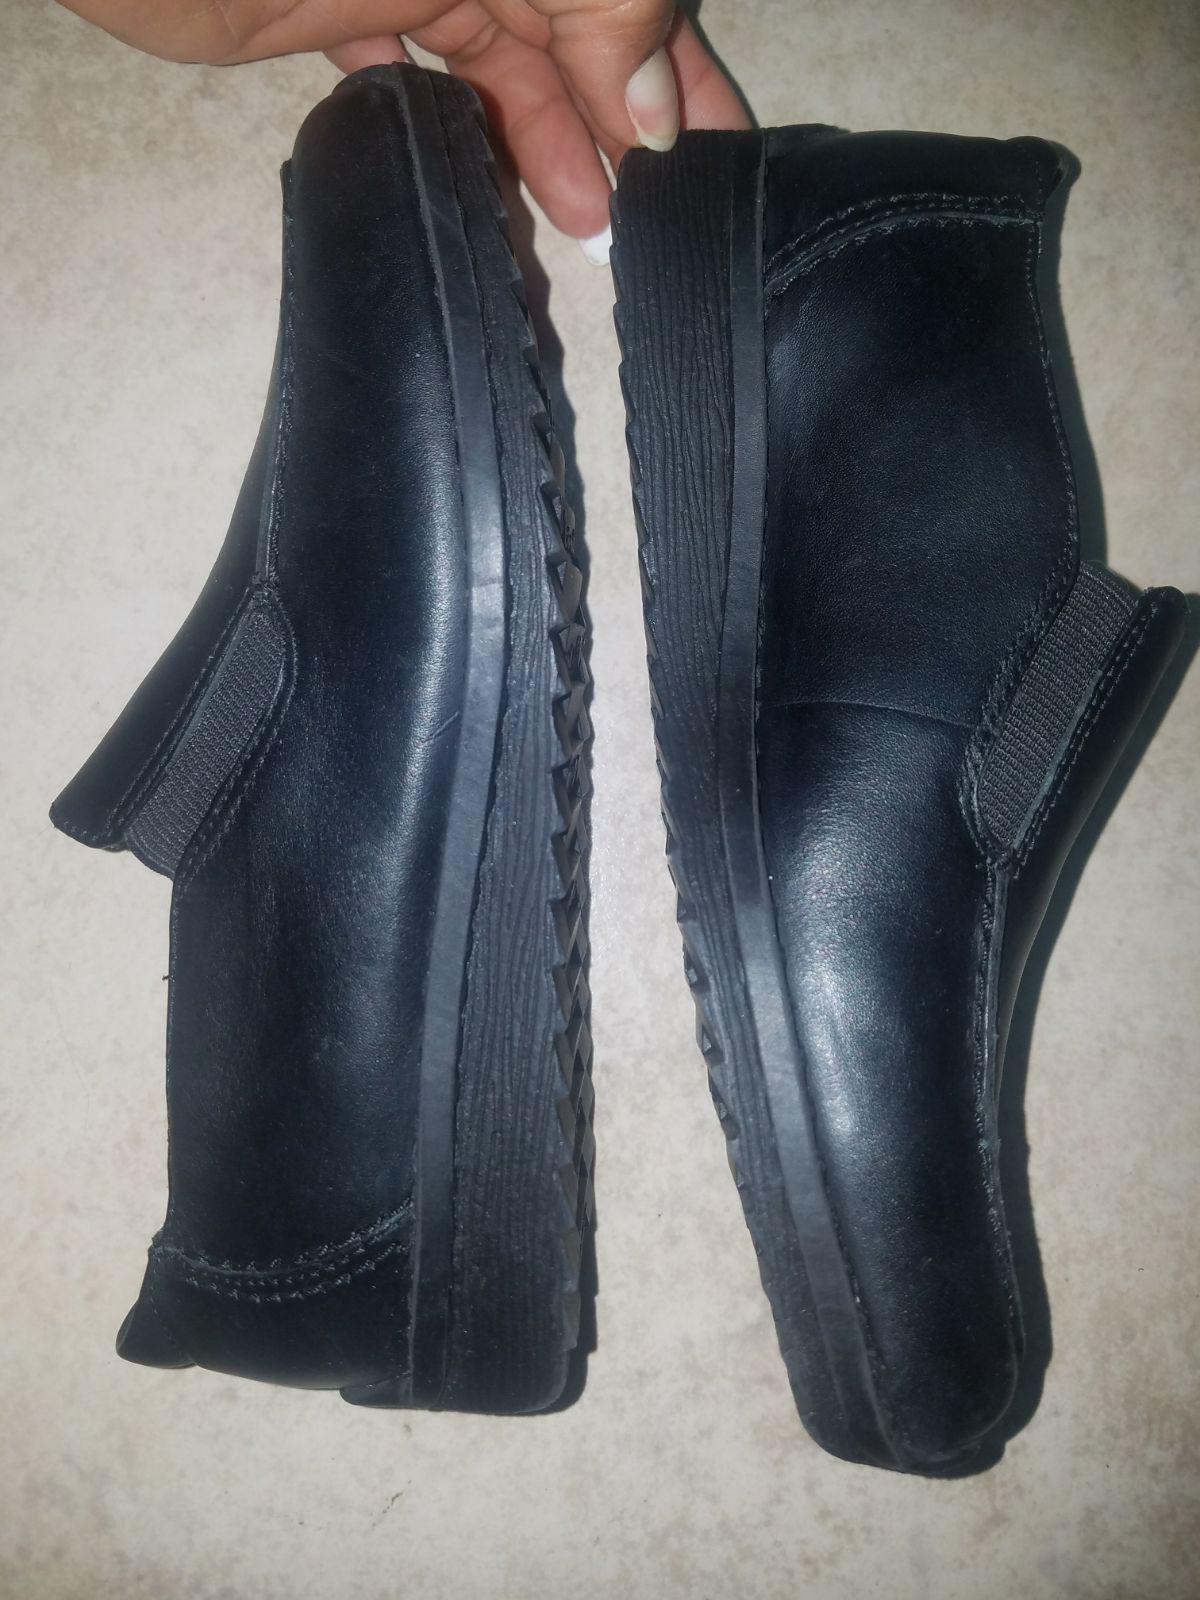 school shoes size 1.5